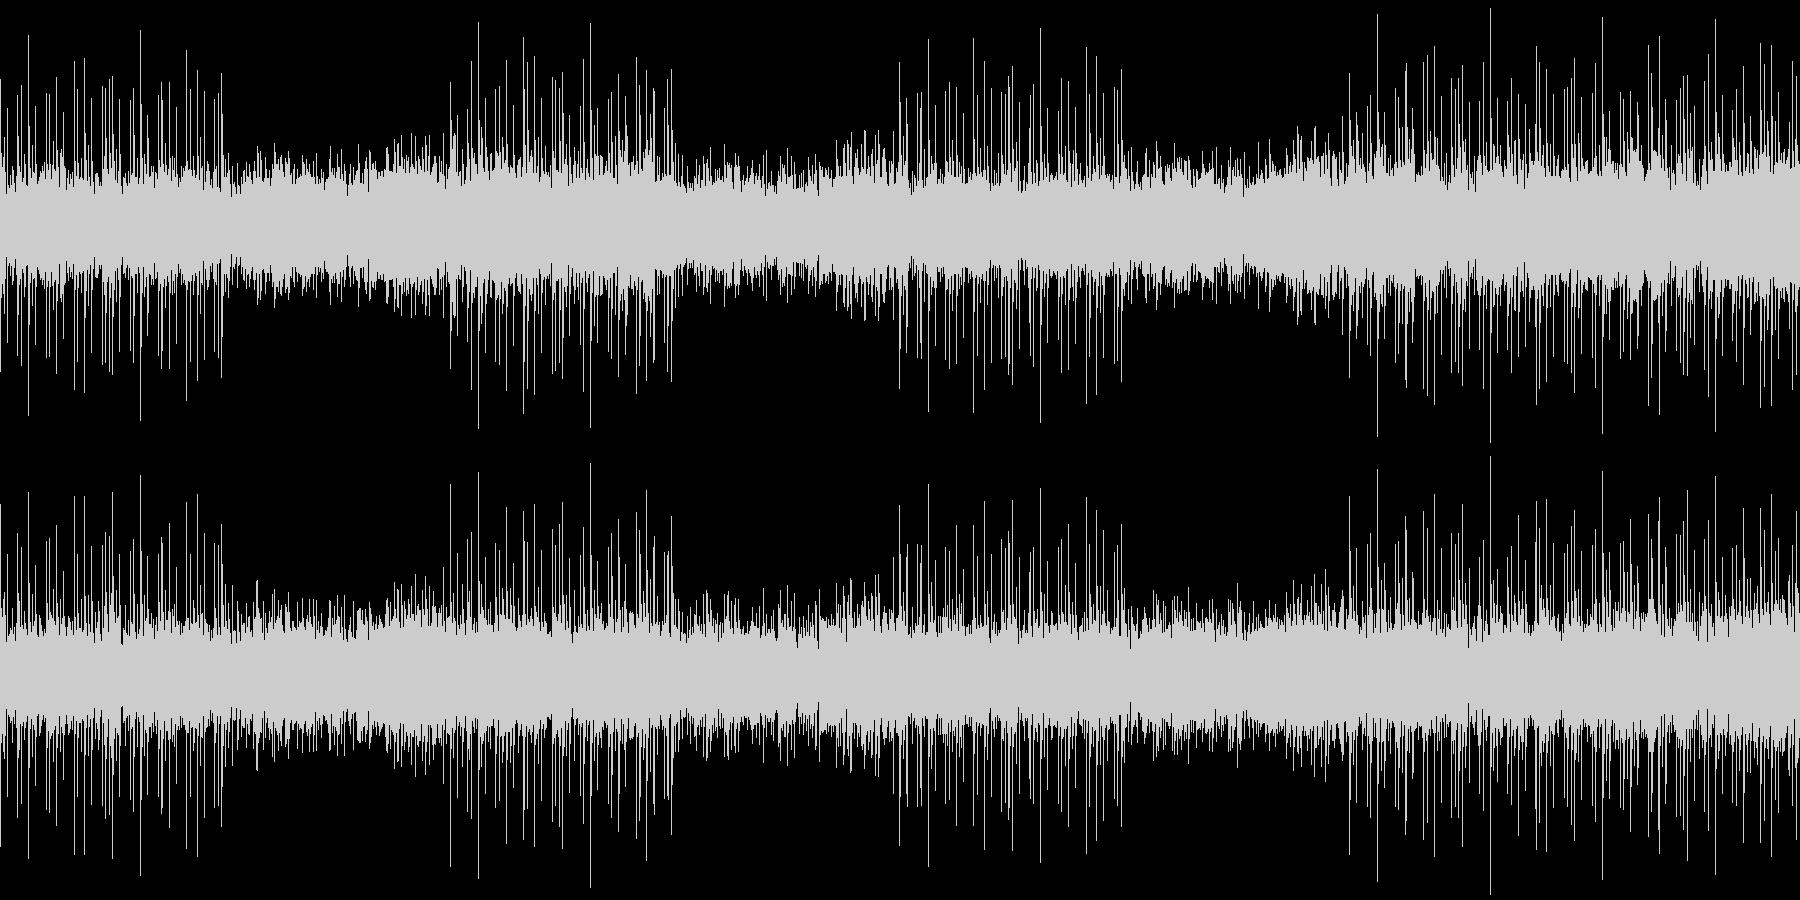 108bpm、Bb-Maj、アルペジオの未再生の波形